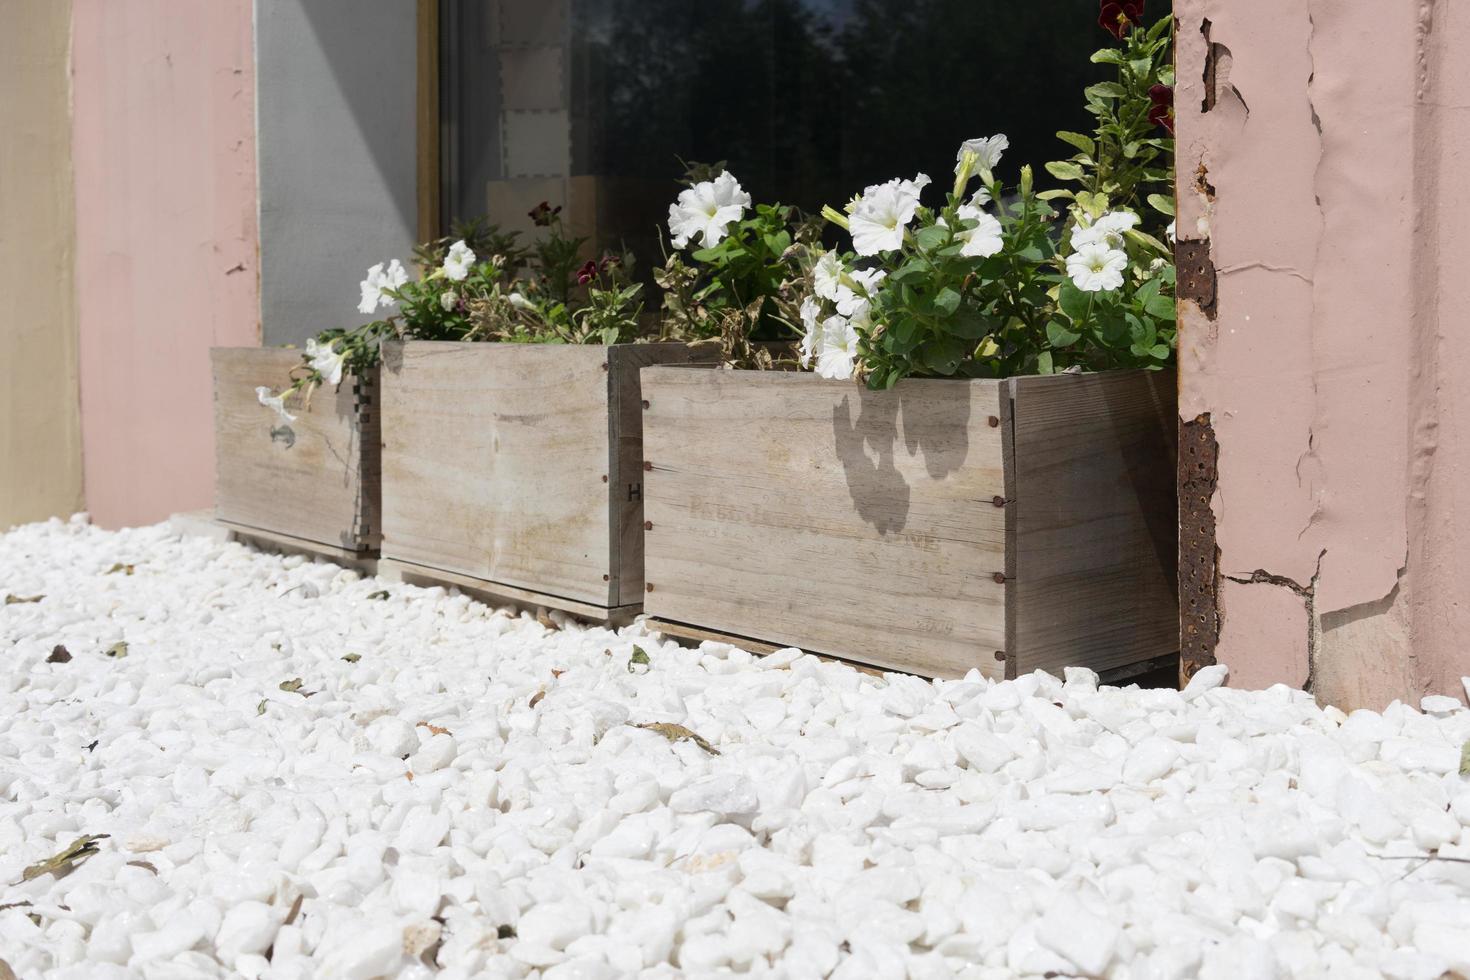 flores blancas en cajas de madera contrachapada sobre un fondo de piedras. foto